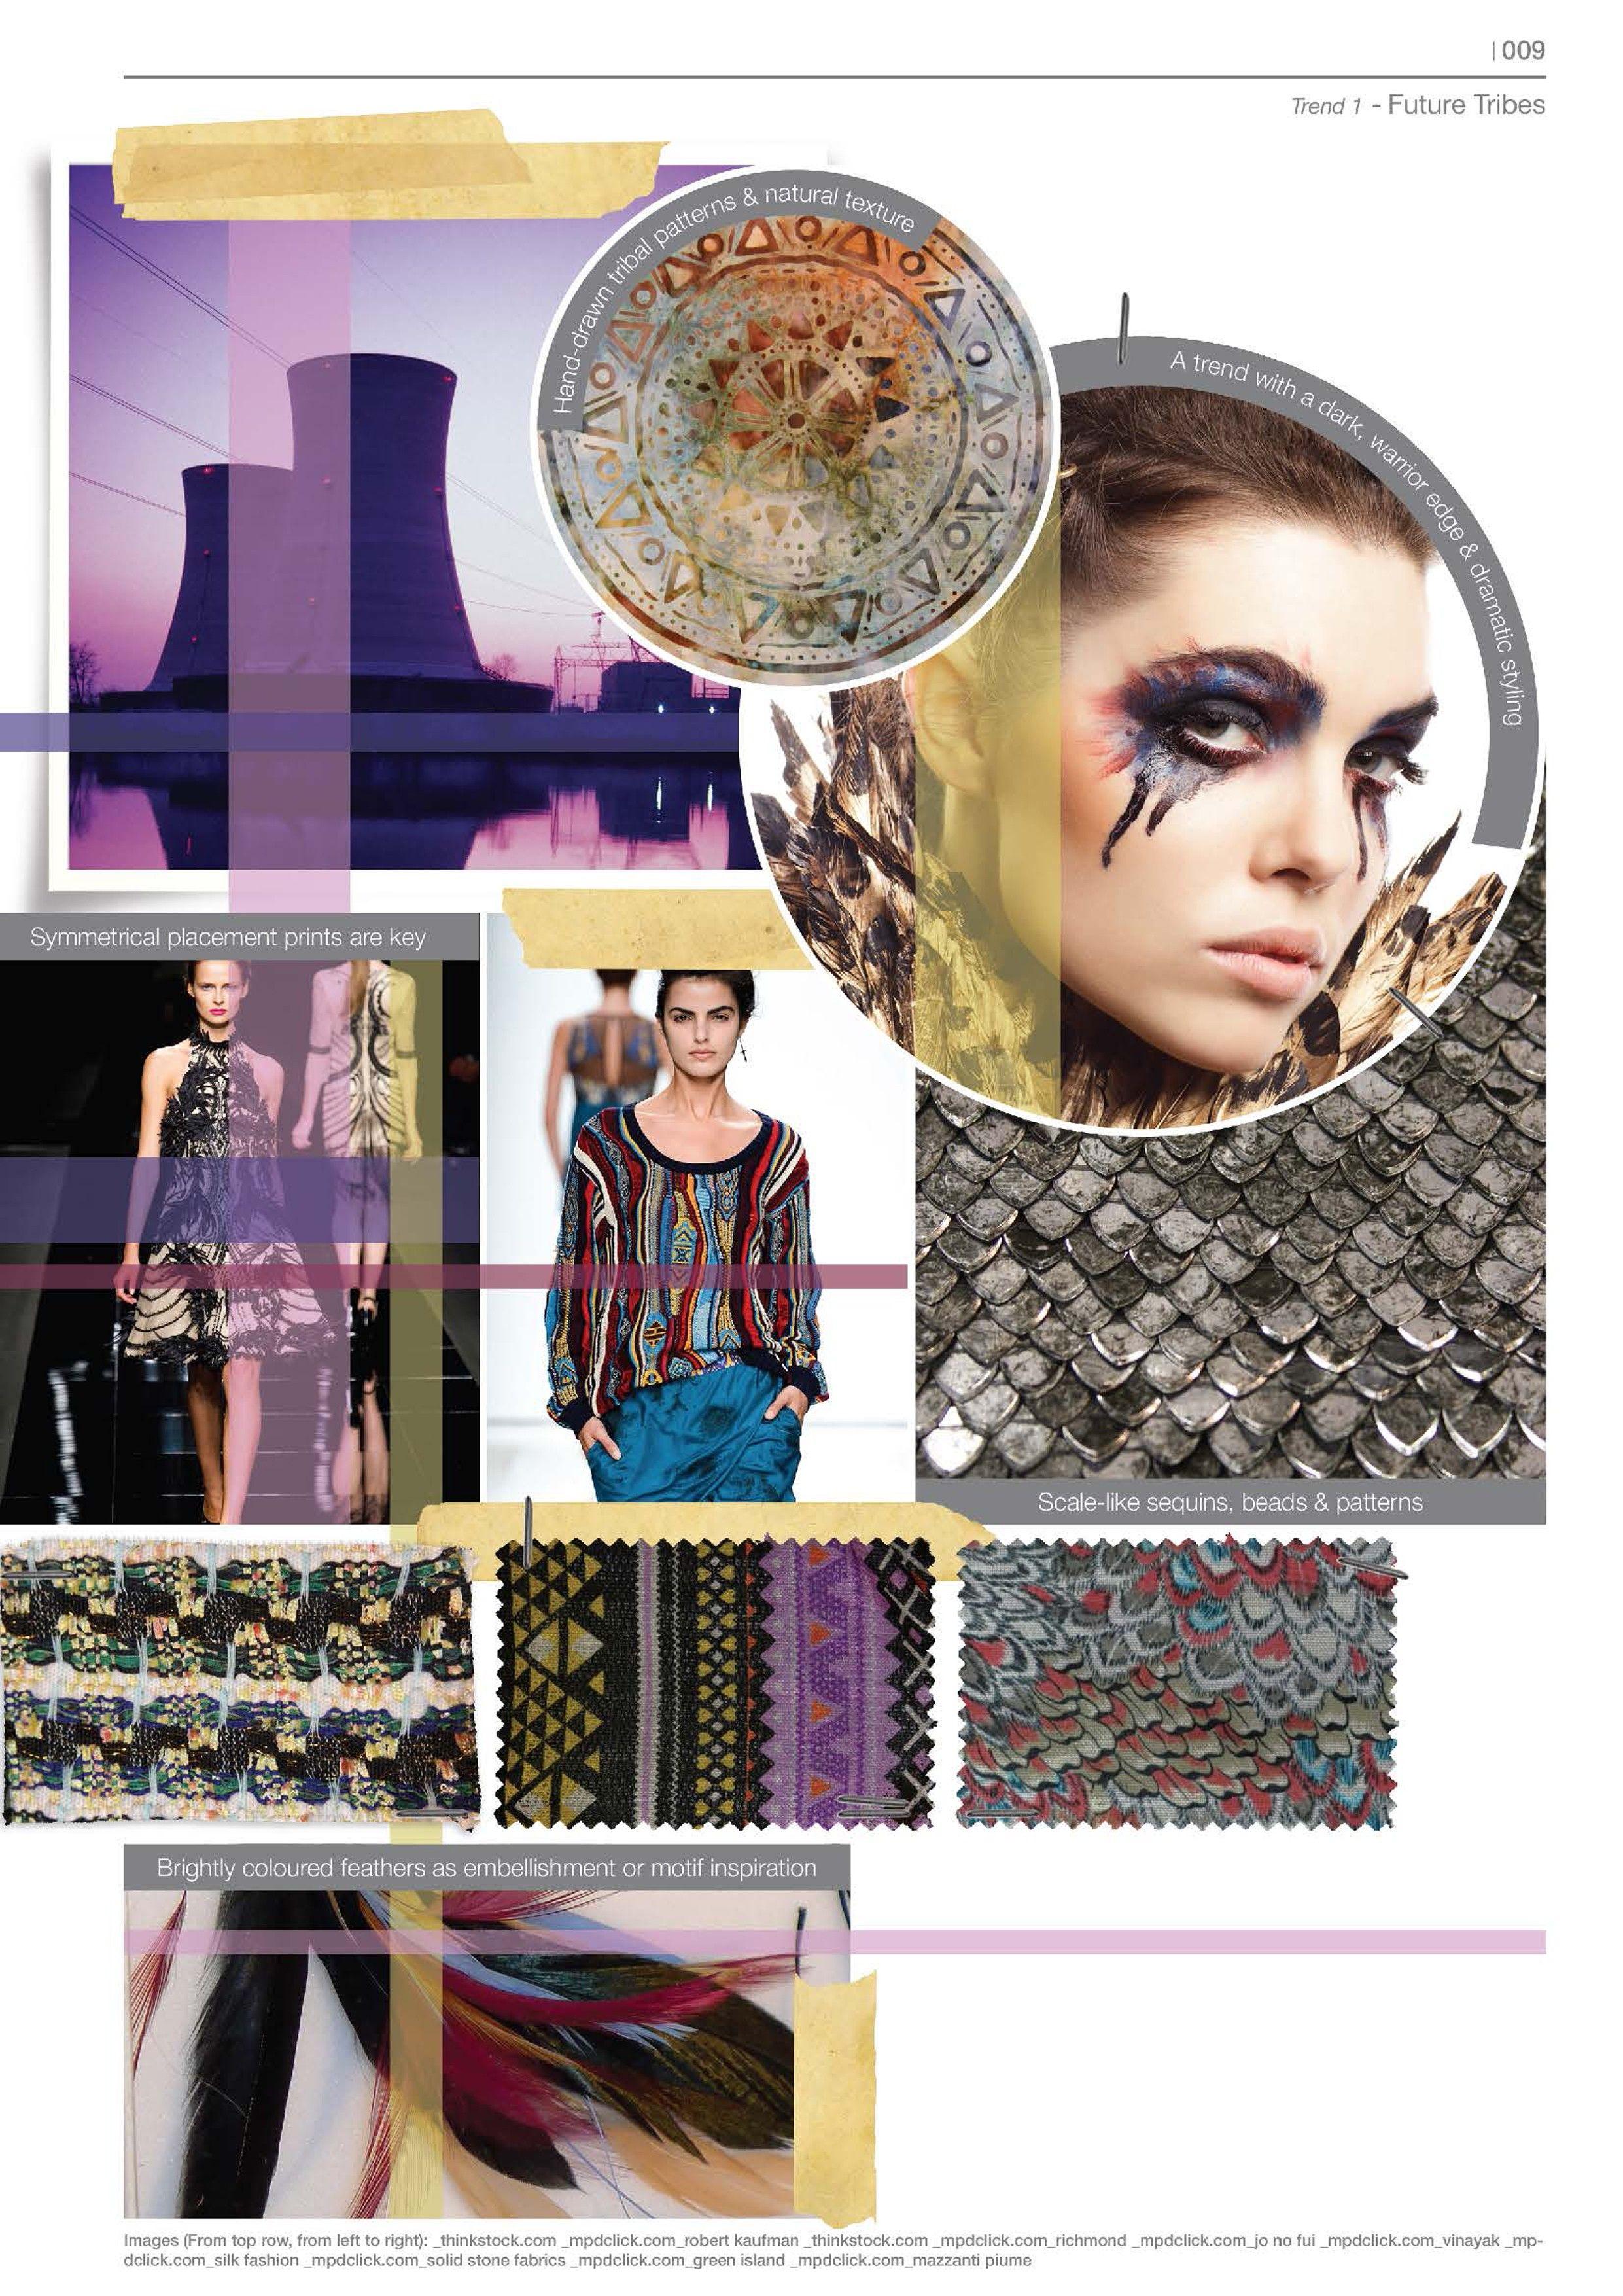 Future fashion trends 2014 - 2014 Trends